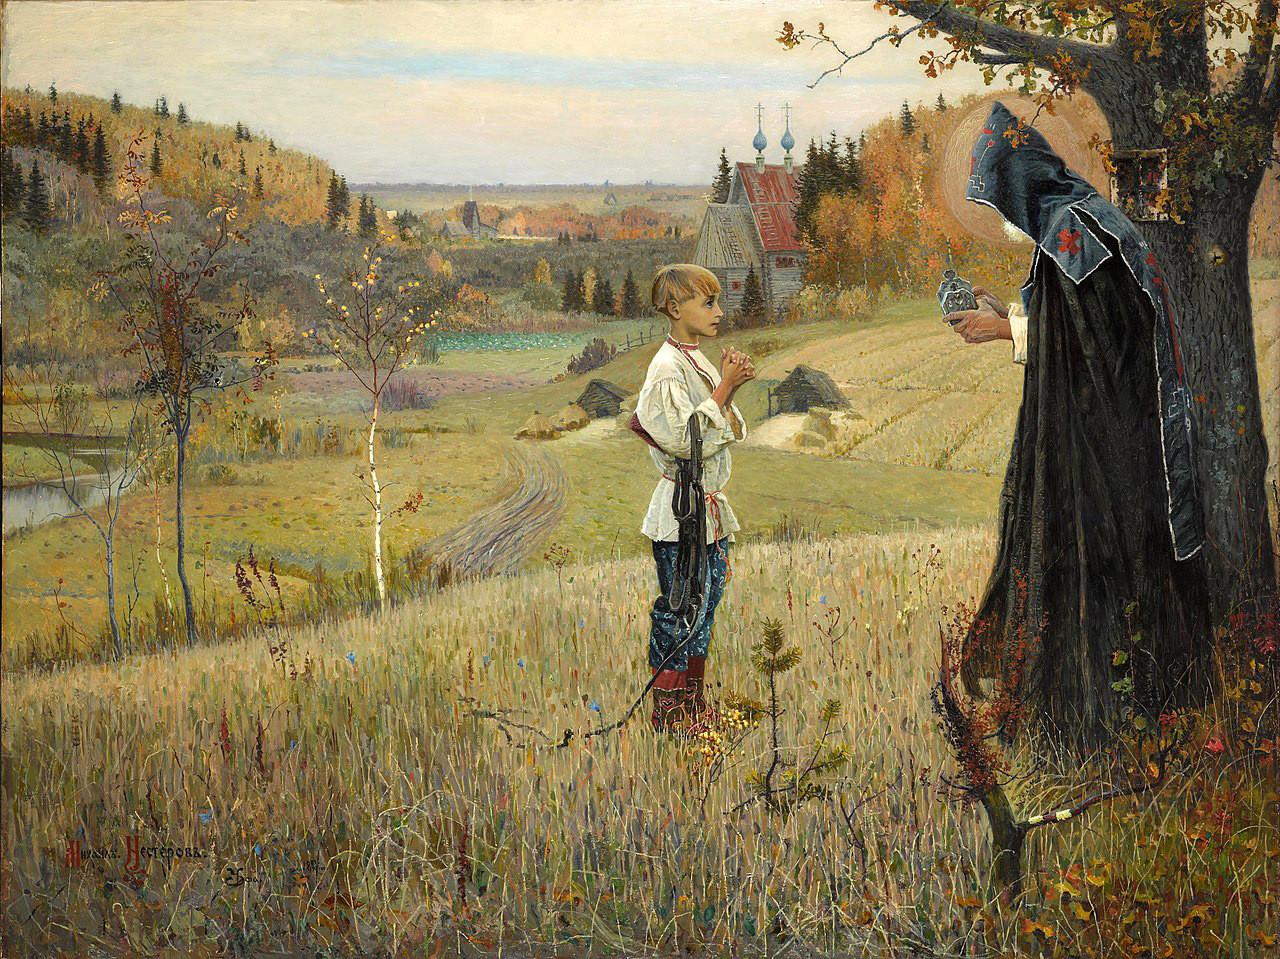 ミハイル・ネステロフ作『若きヴァルフォロメイの聖なる光景』、1889—1890